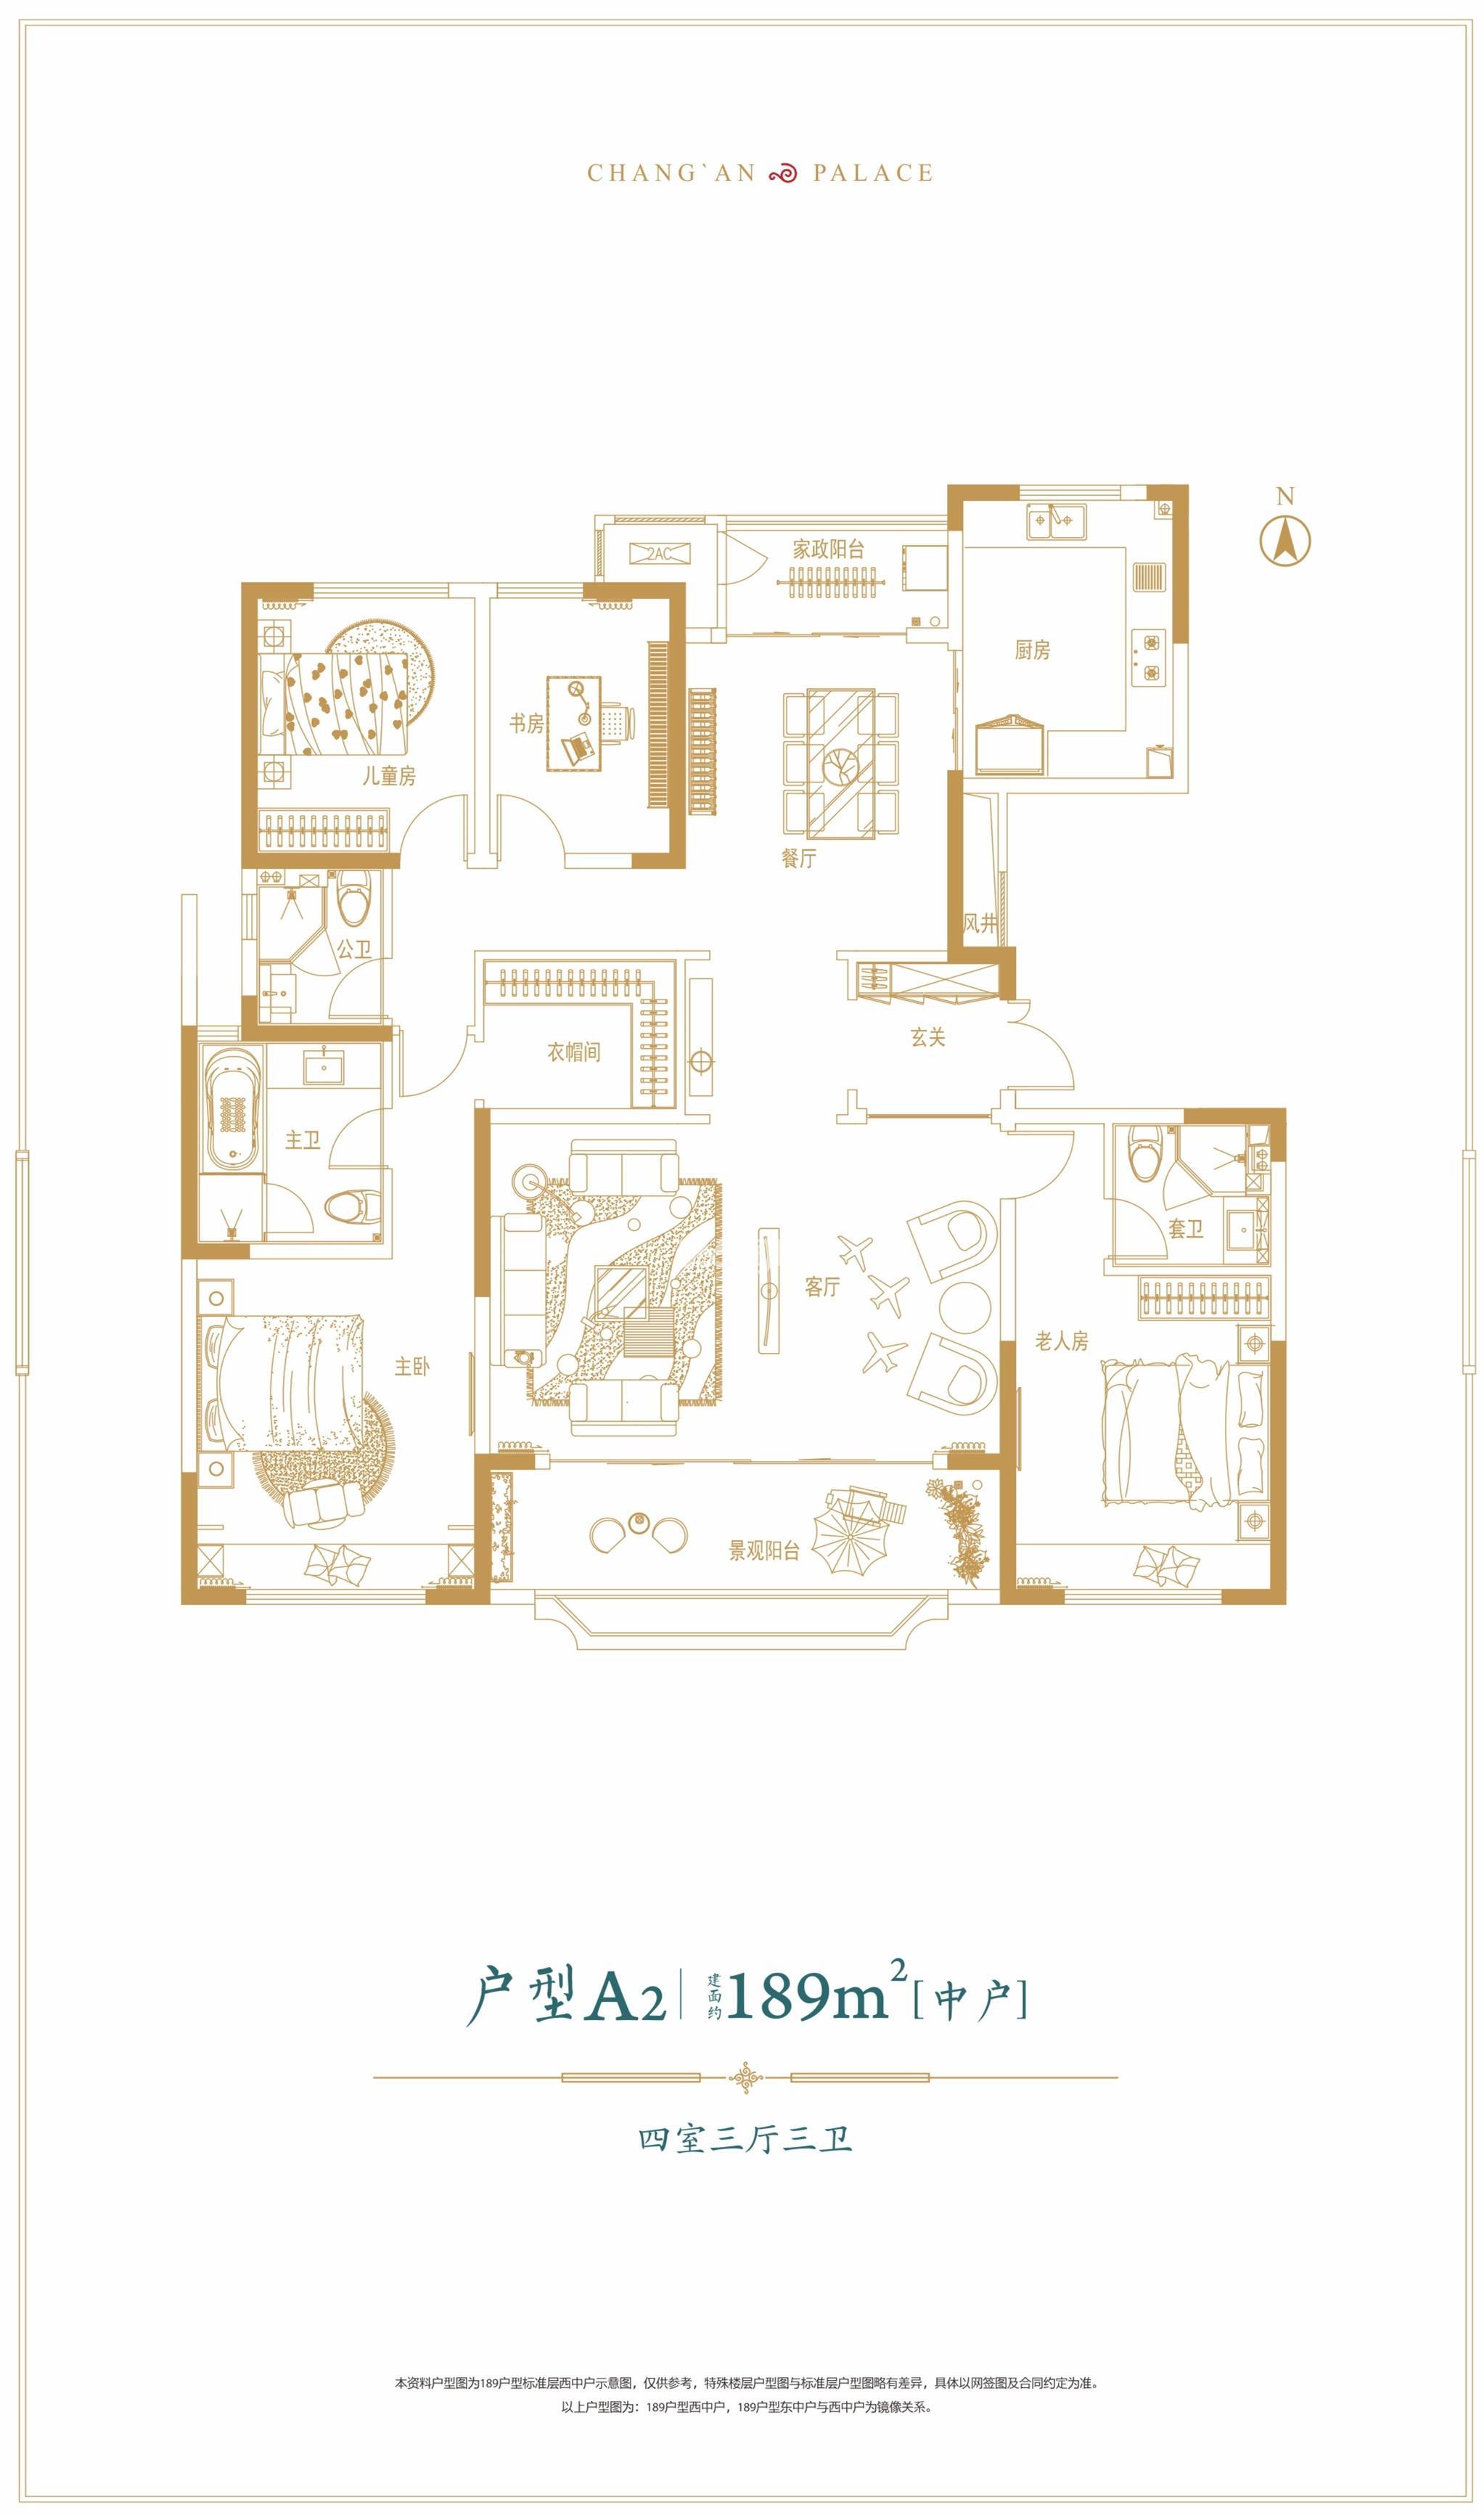 中海长安府四室三厅189㎡A2户型图